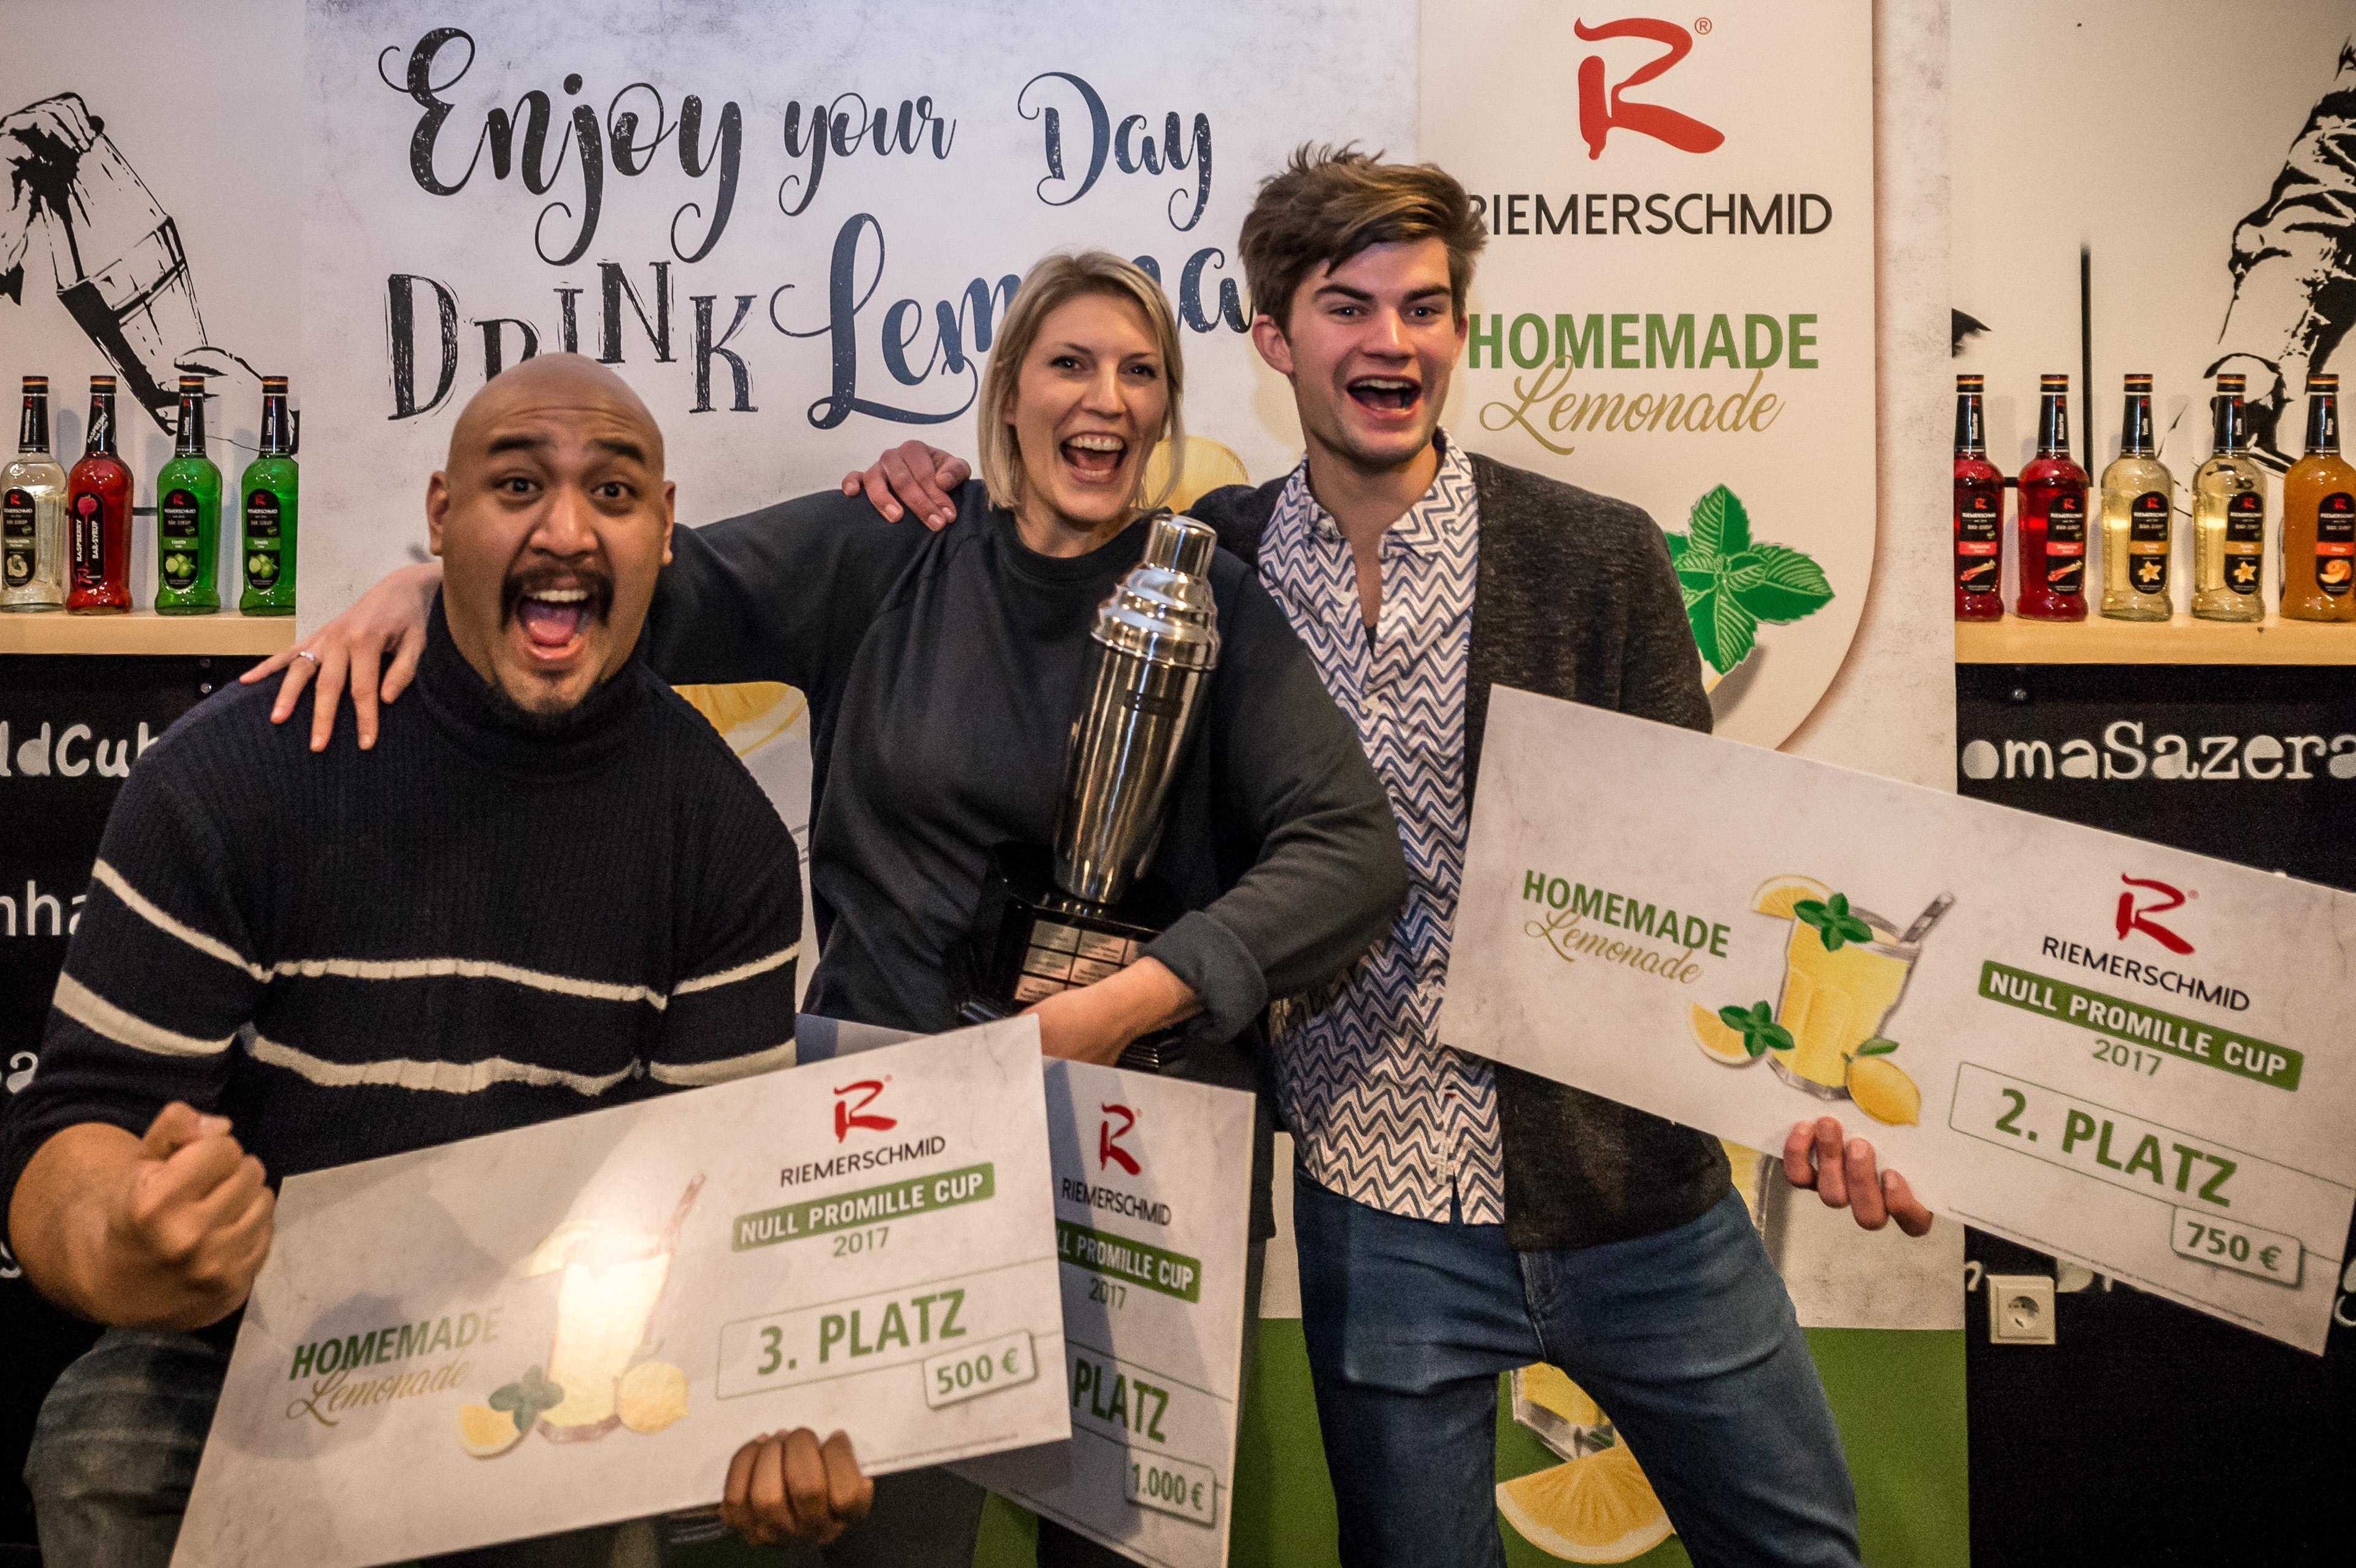 Die Sieger des Riemerschmid Null Promille Cup 2017 stehen fest